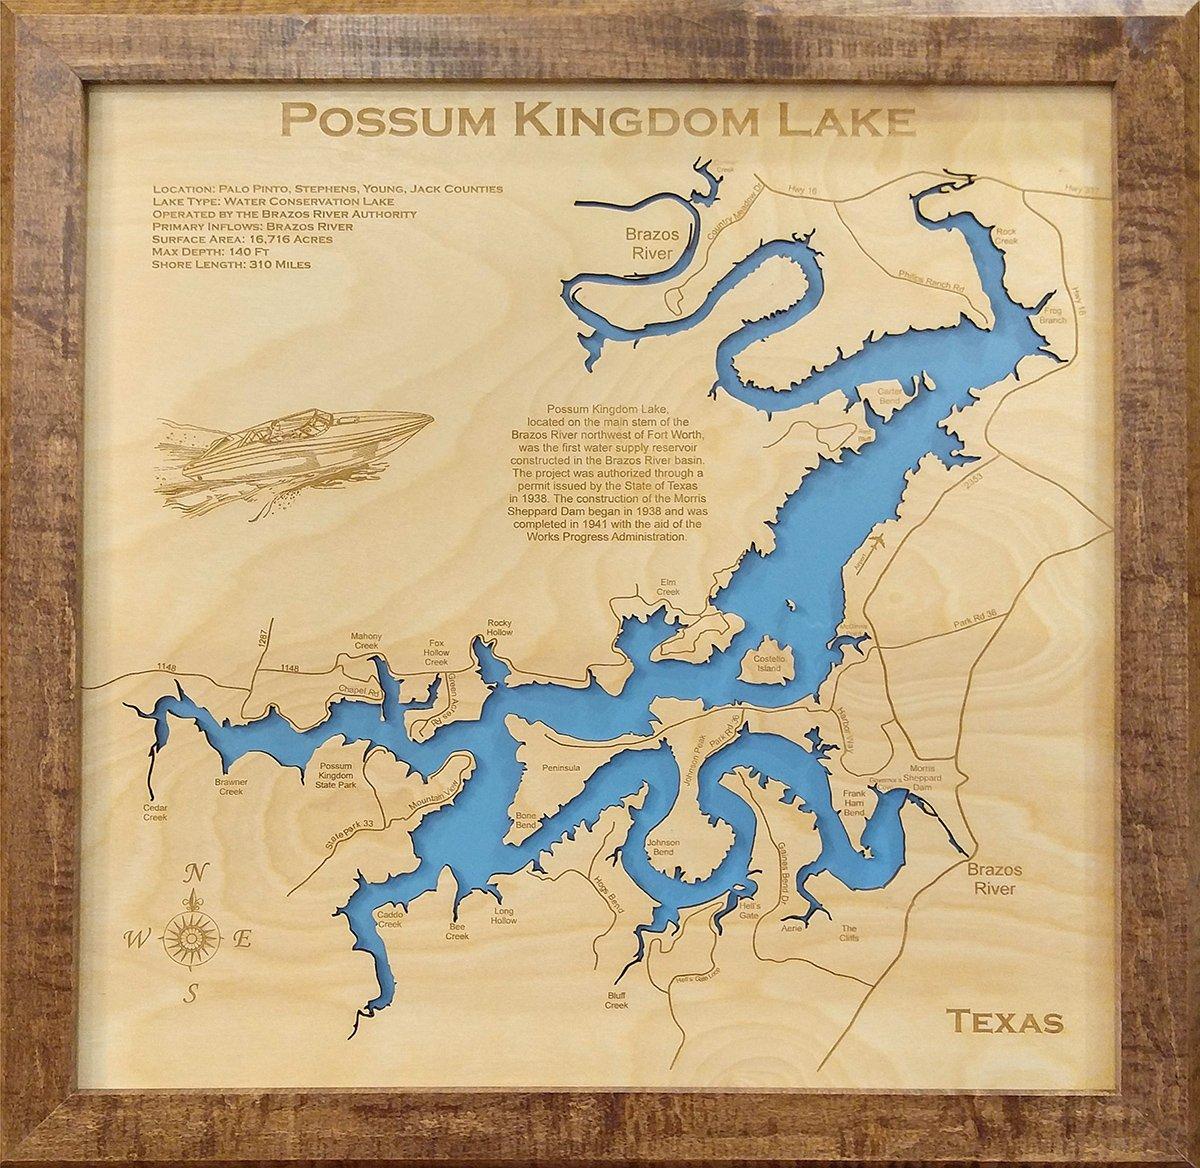 Amazon.com: Possum Kingdom Lake, Texas: Framed Wood Map Wall Hanging ...